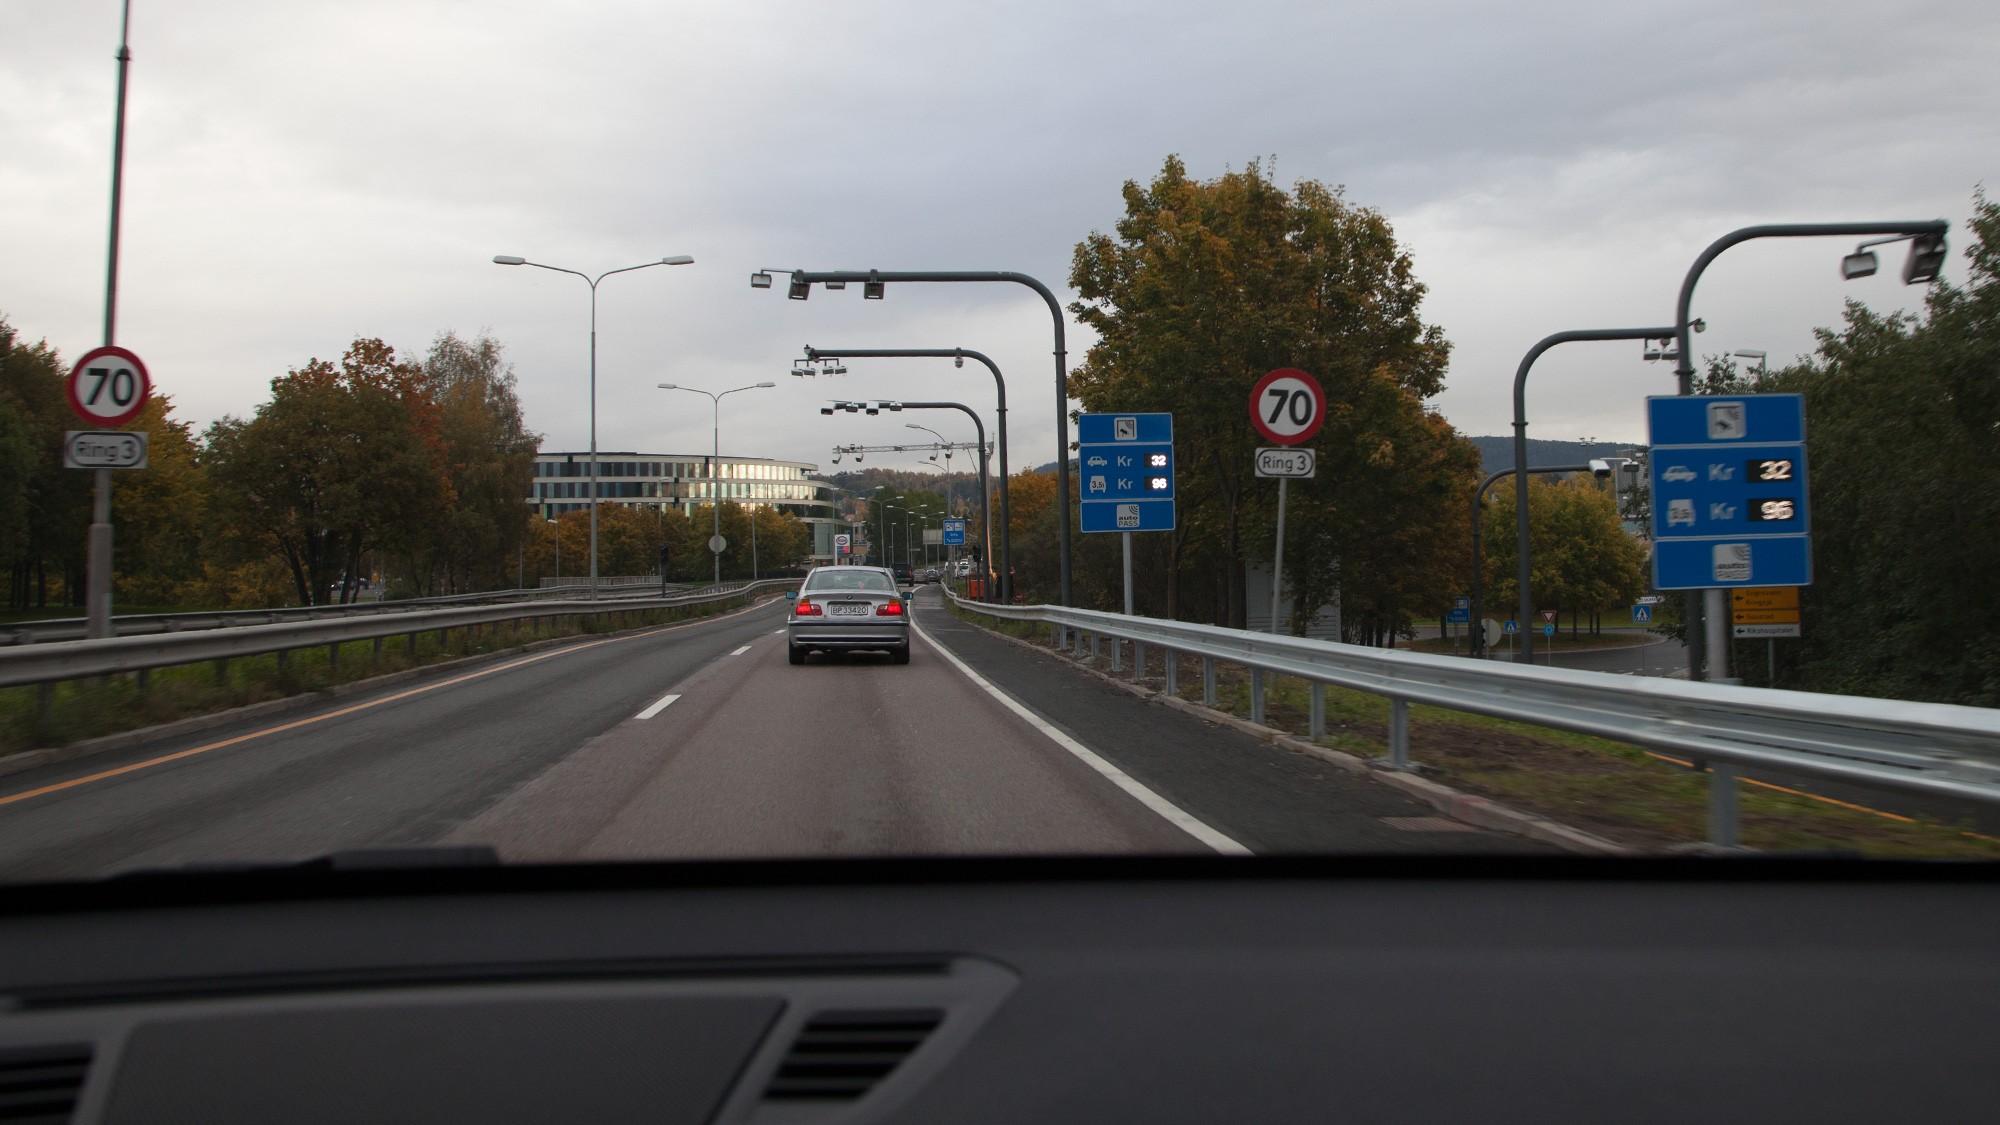 Et nytt utvalg mener det bør betales fire kroner per kilometer å kjøre i Oslo - i tillegg til bompenger.